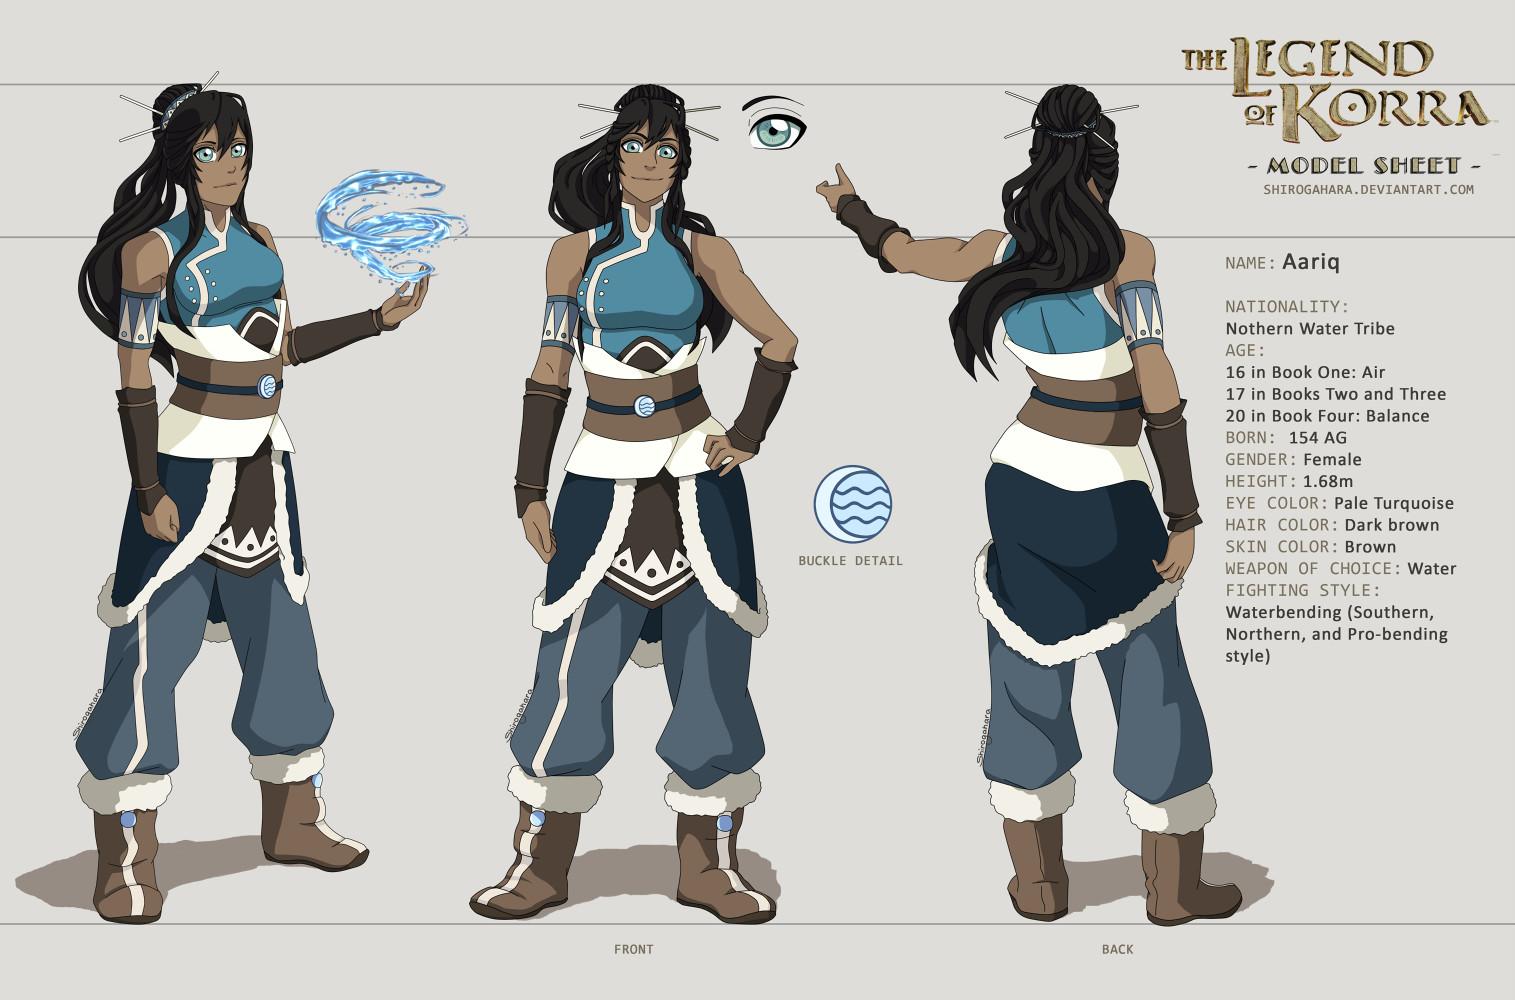 Artstation legend of korra character shirogahara legend of korra character reference sheet voltagebd Images